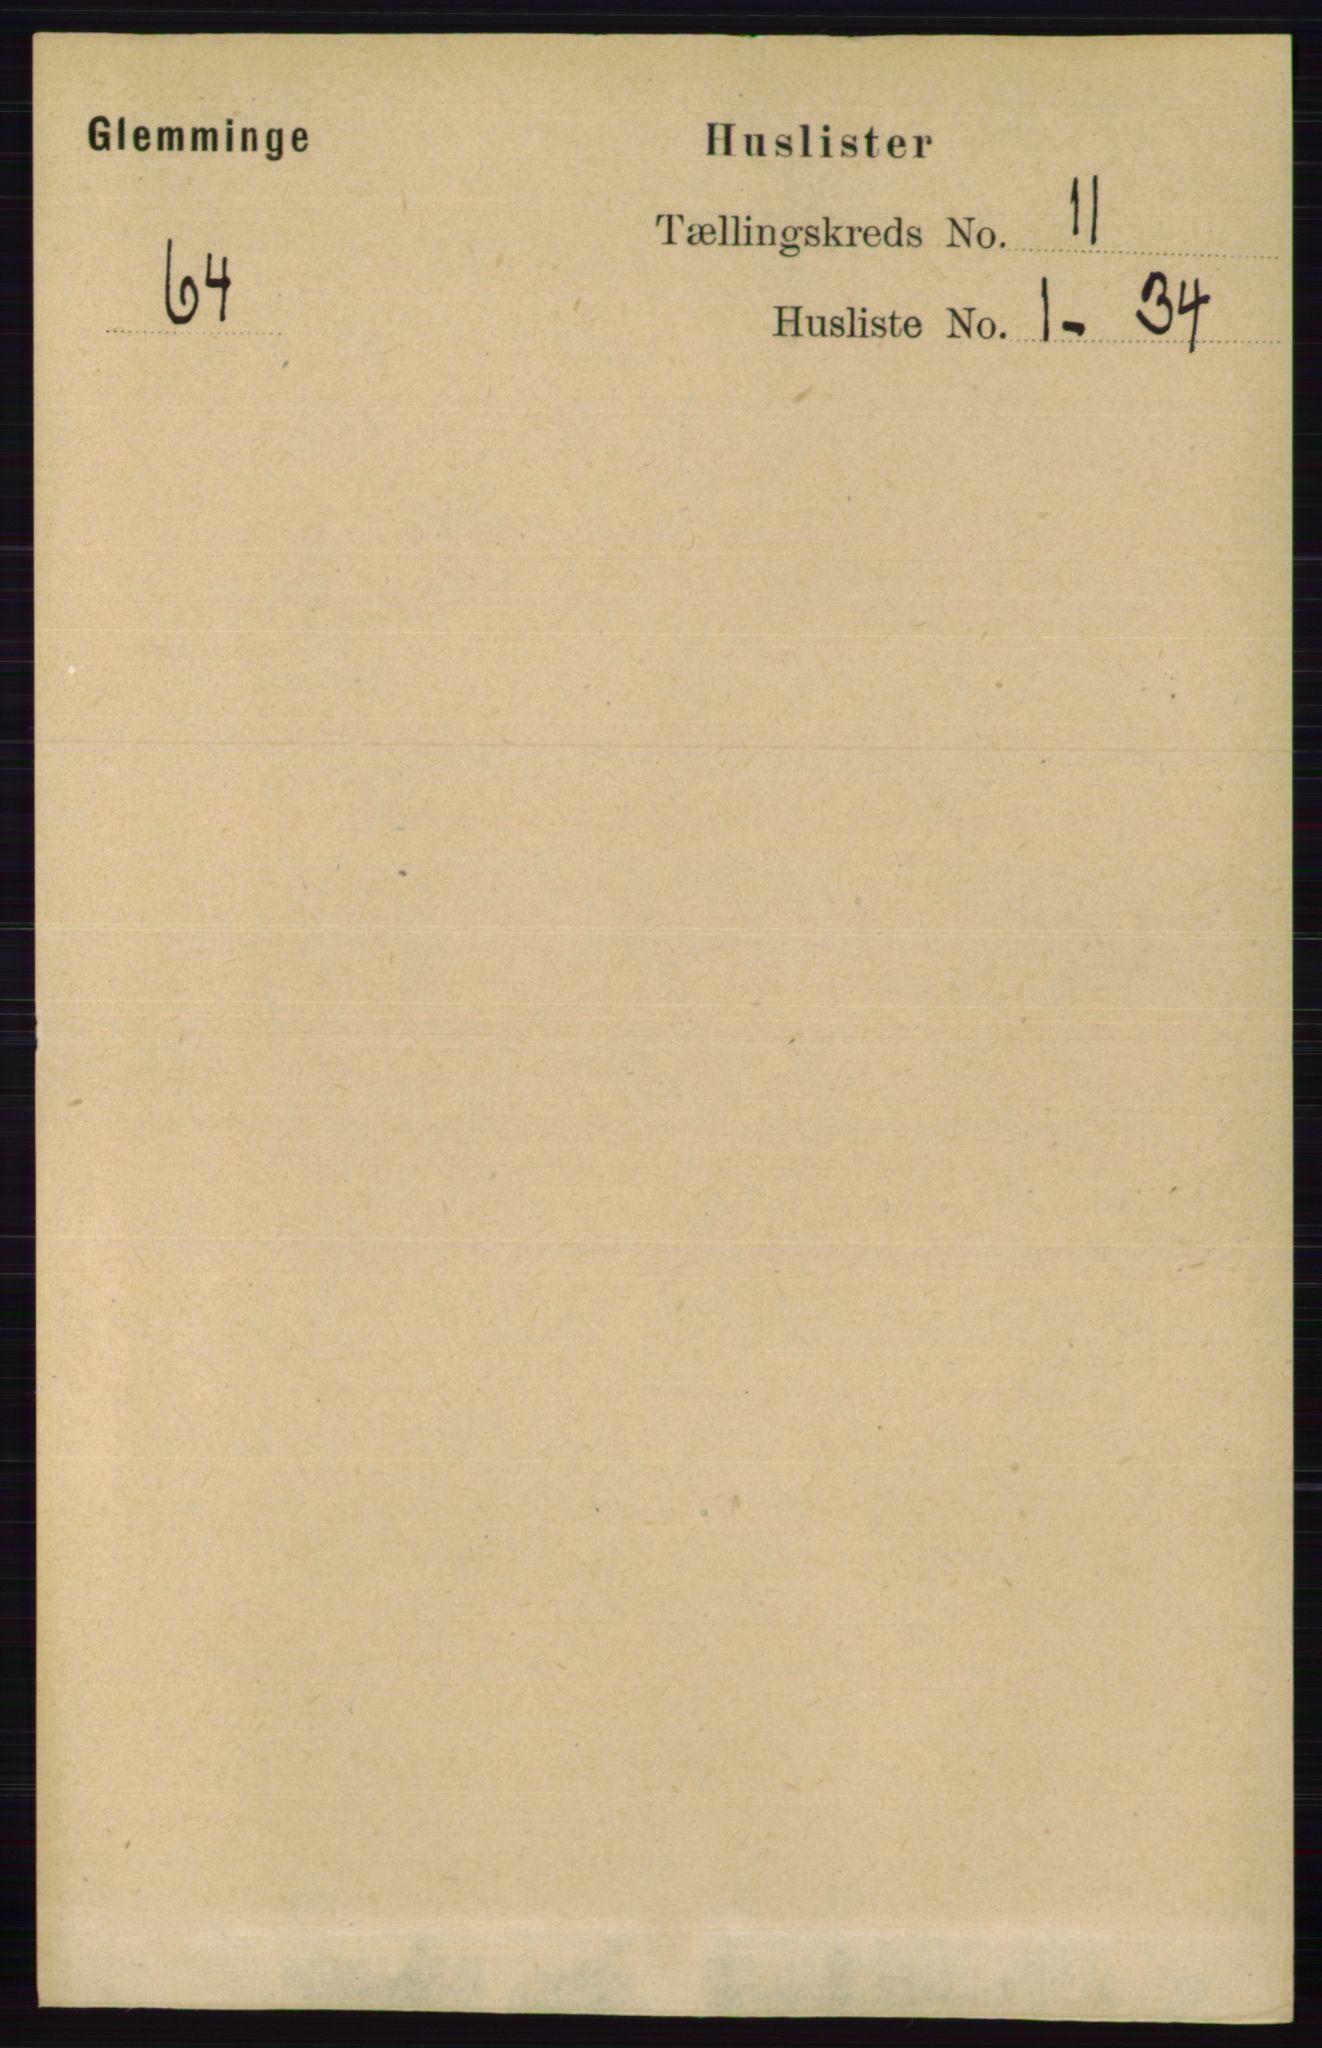 RA, Folketelling 1891 for 0132 Glemmen herred, 1891, s. 10531